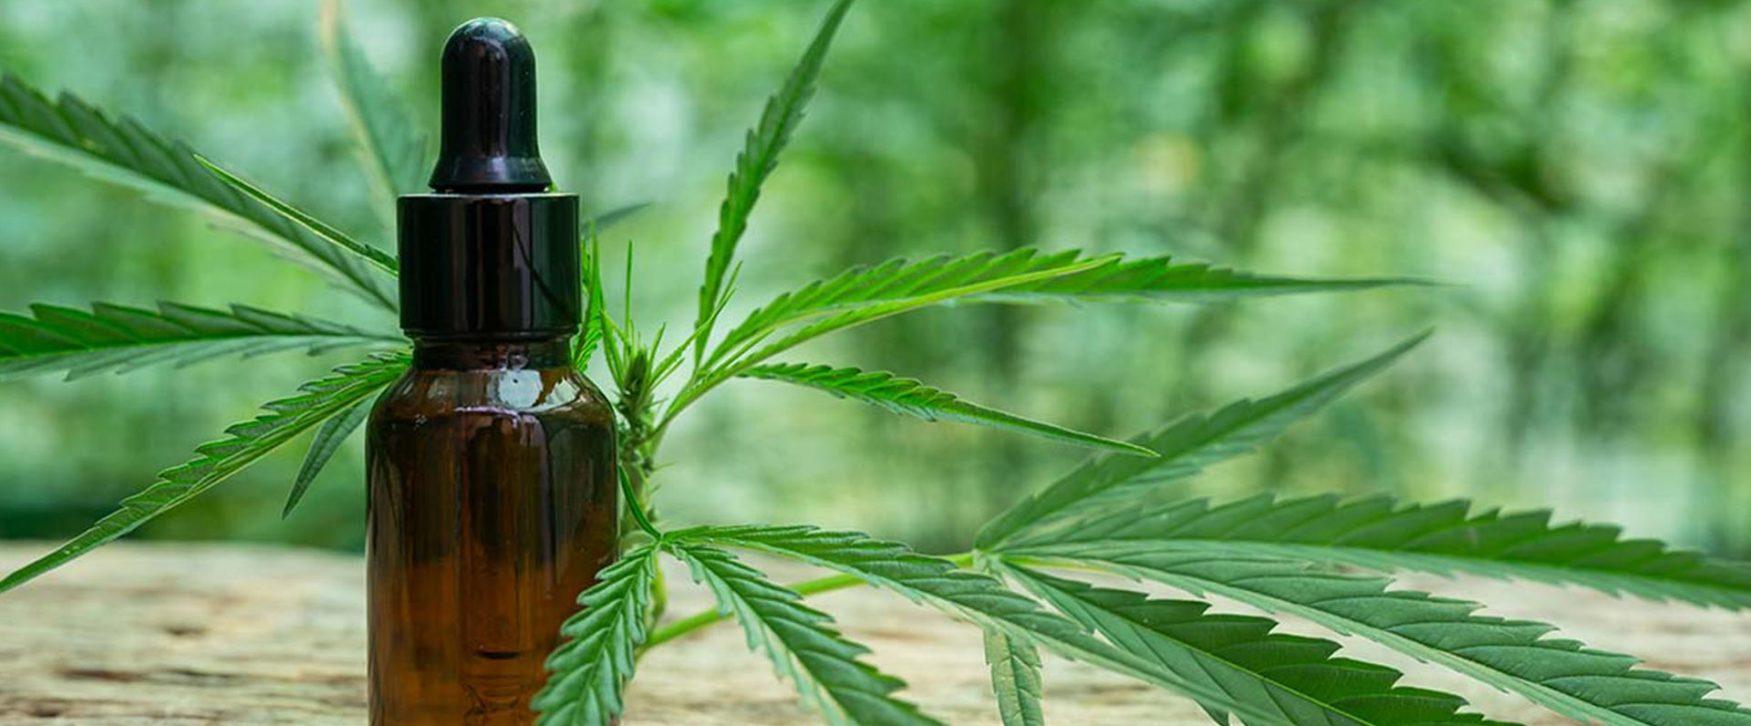 Les bienfaits de l'huile CBD - Blog CBd GreenForestCBD